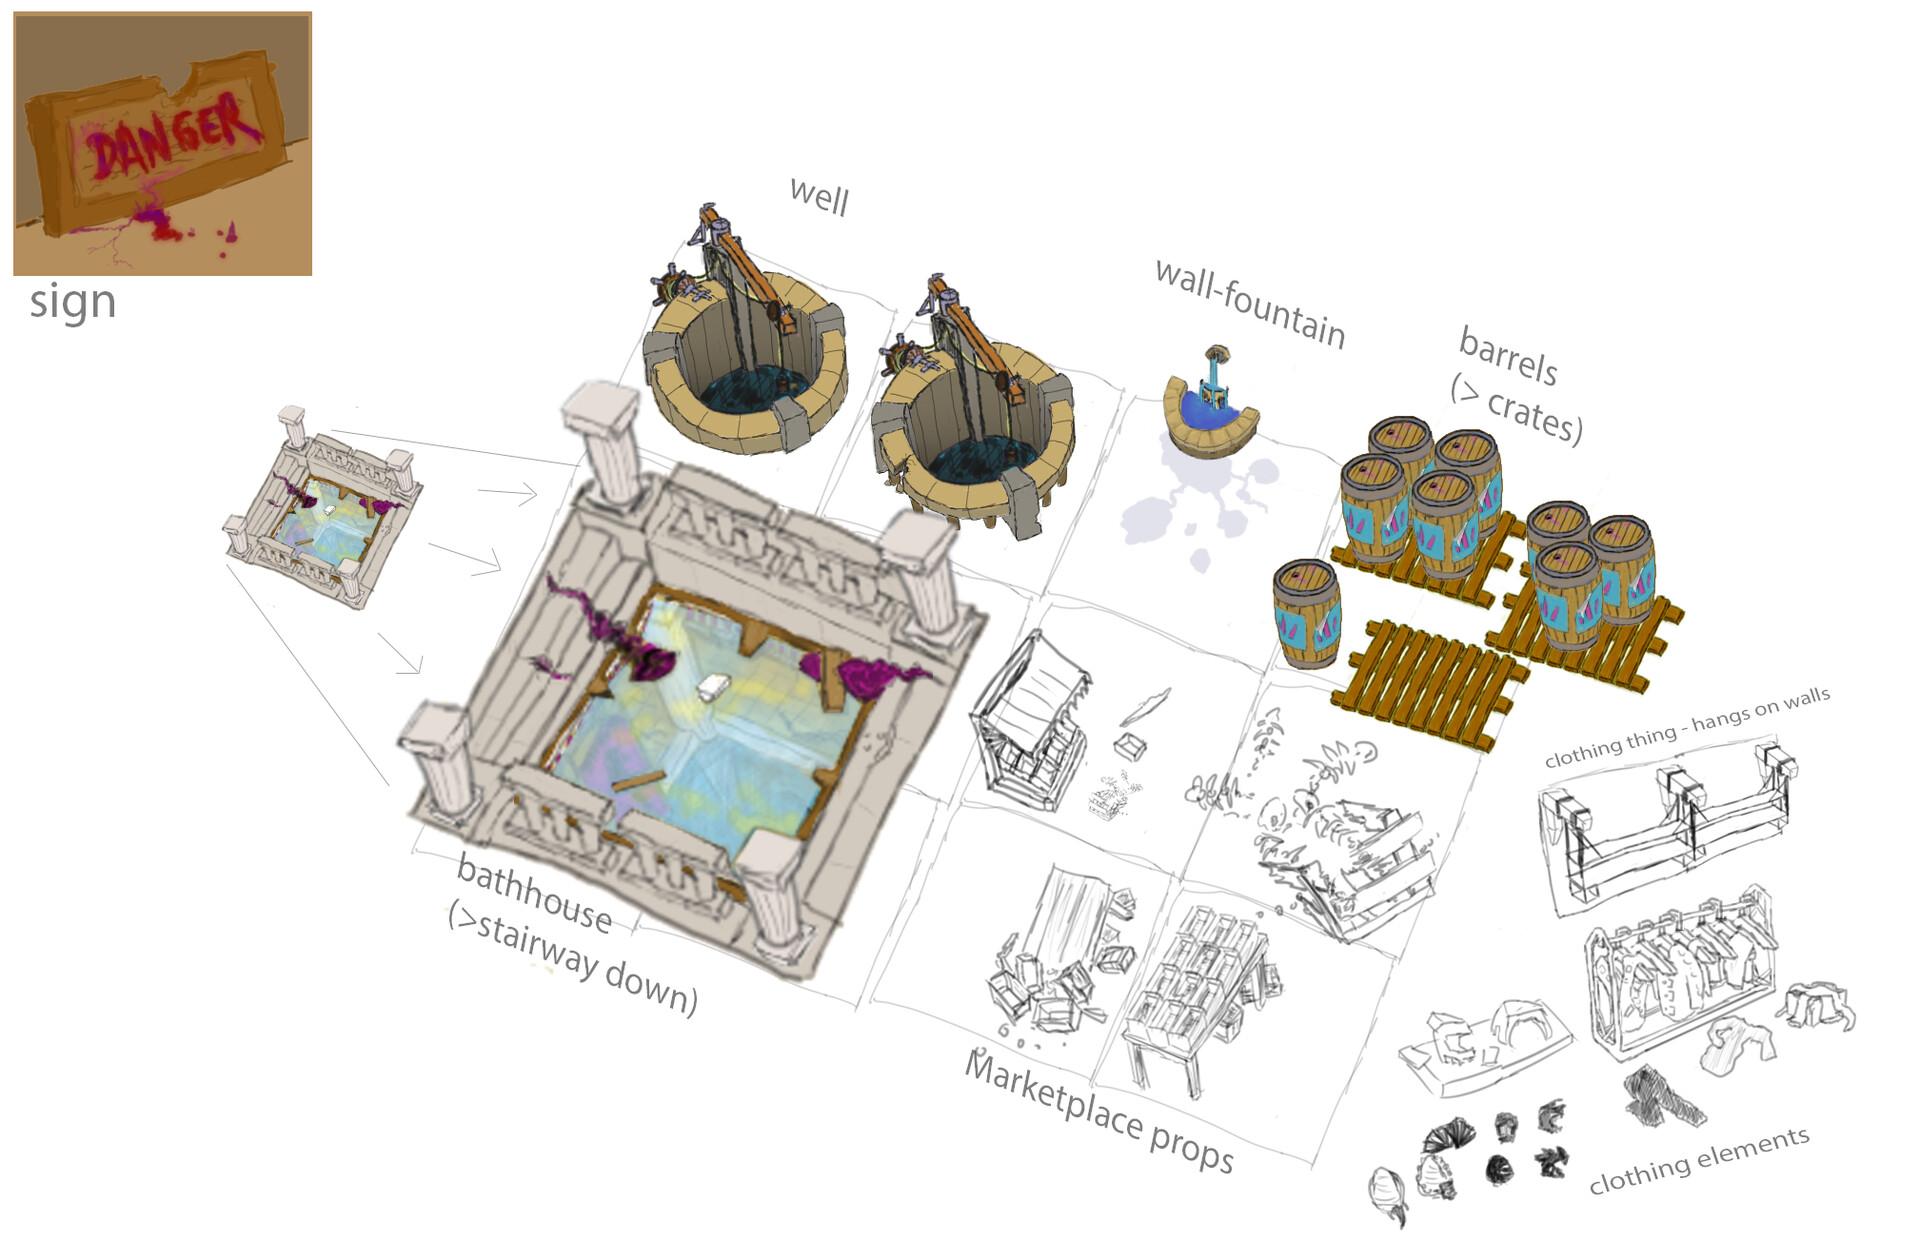 Alexander laheij prop concepts 01